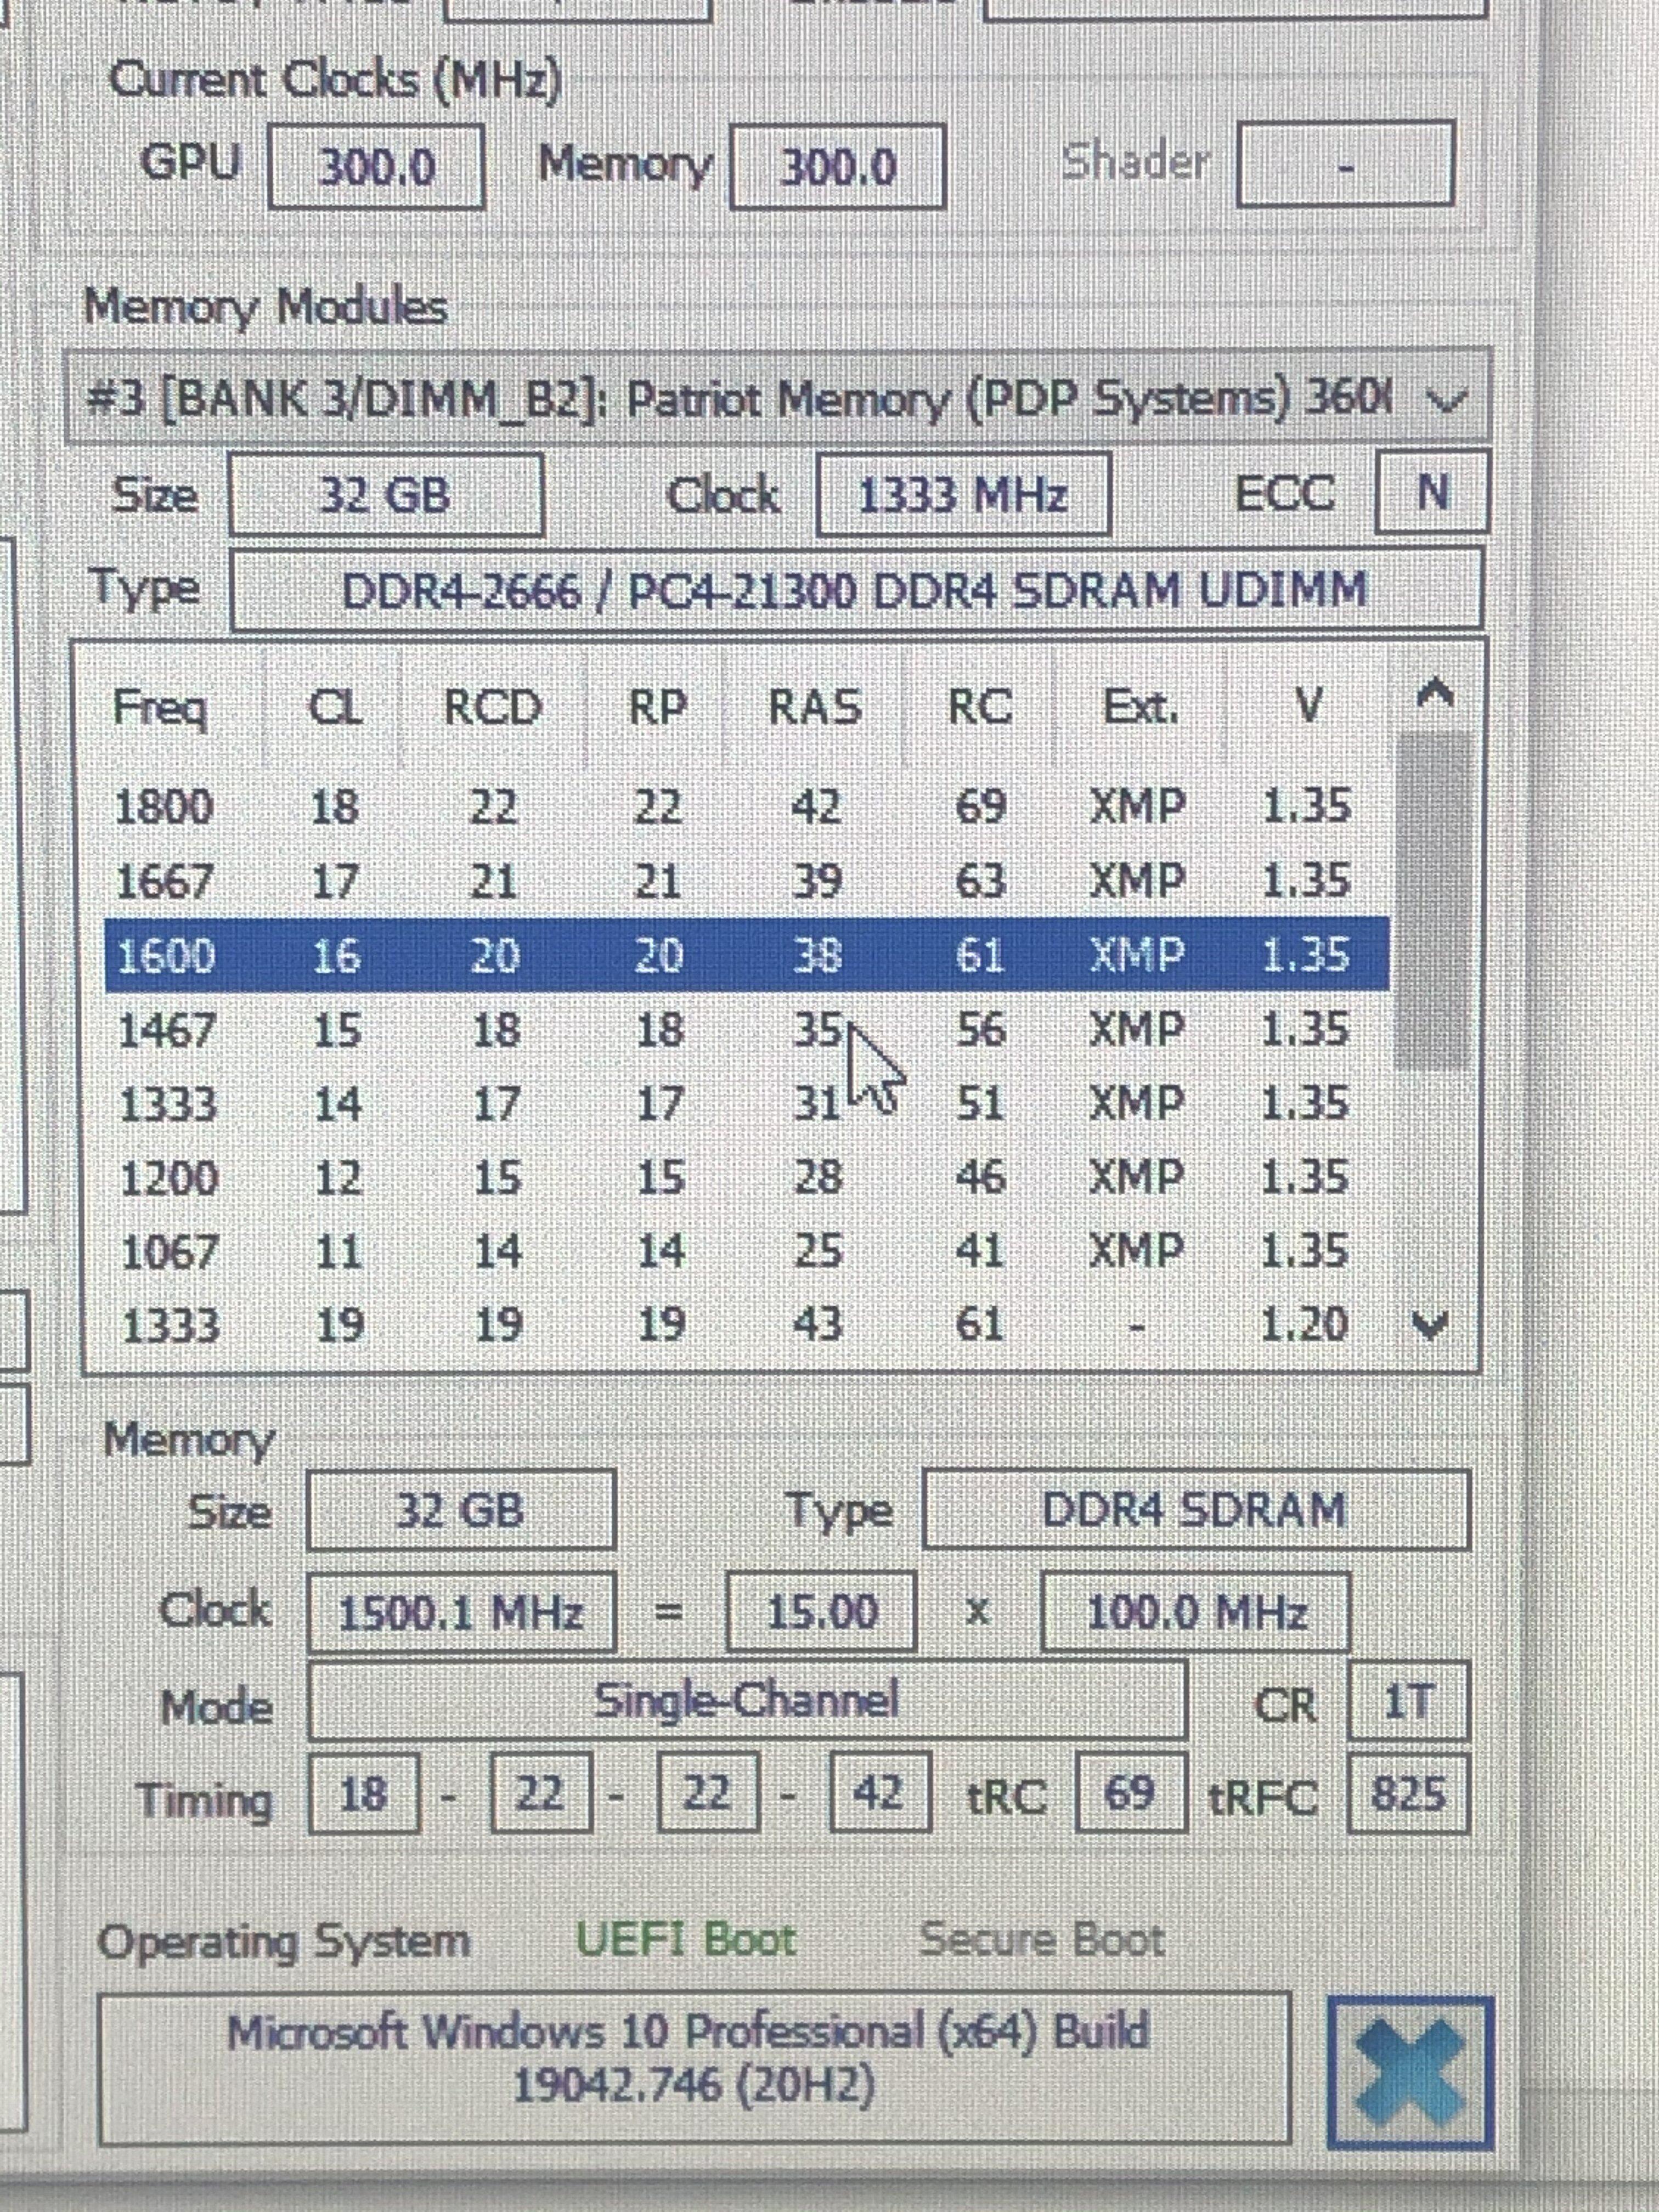 158A94C7-FA9F-4D8D-9F3A-0437F911FF71.jpeg